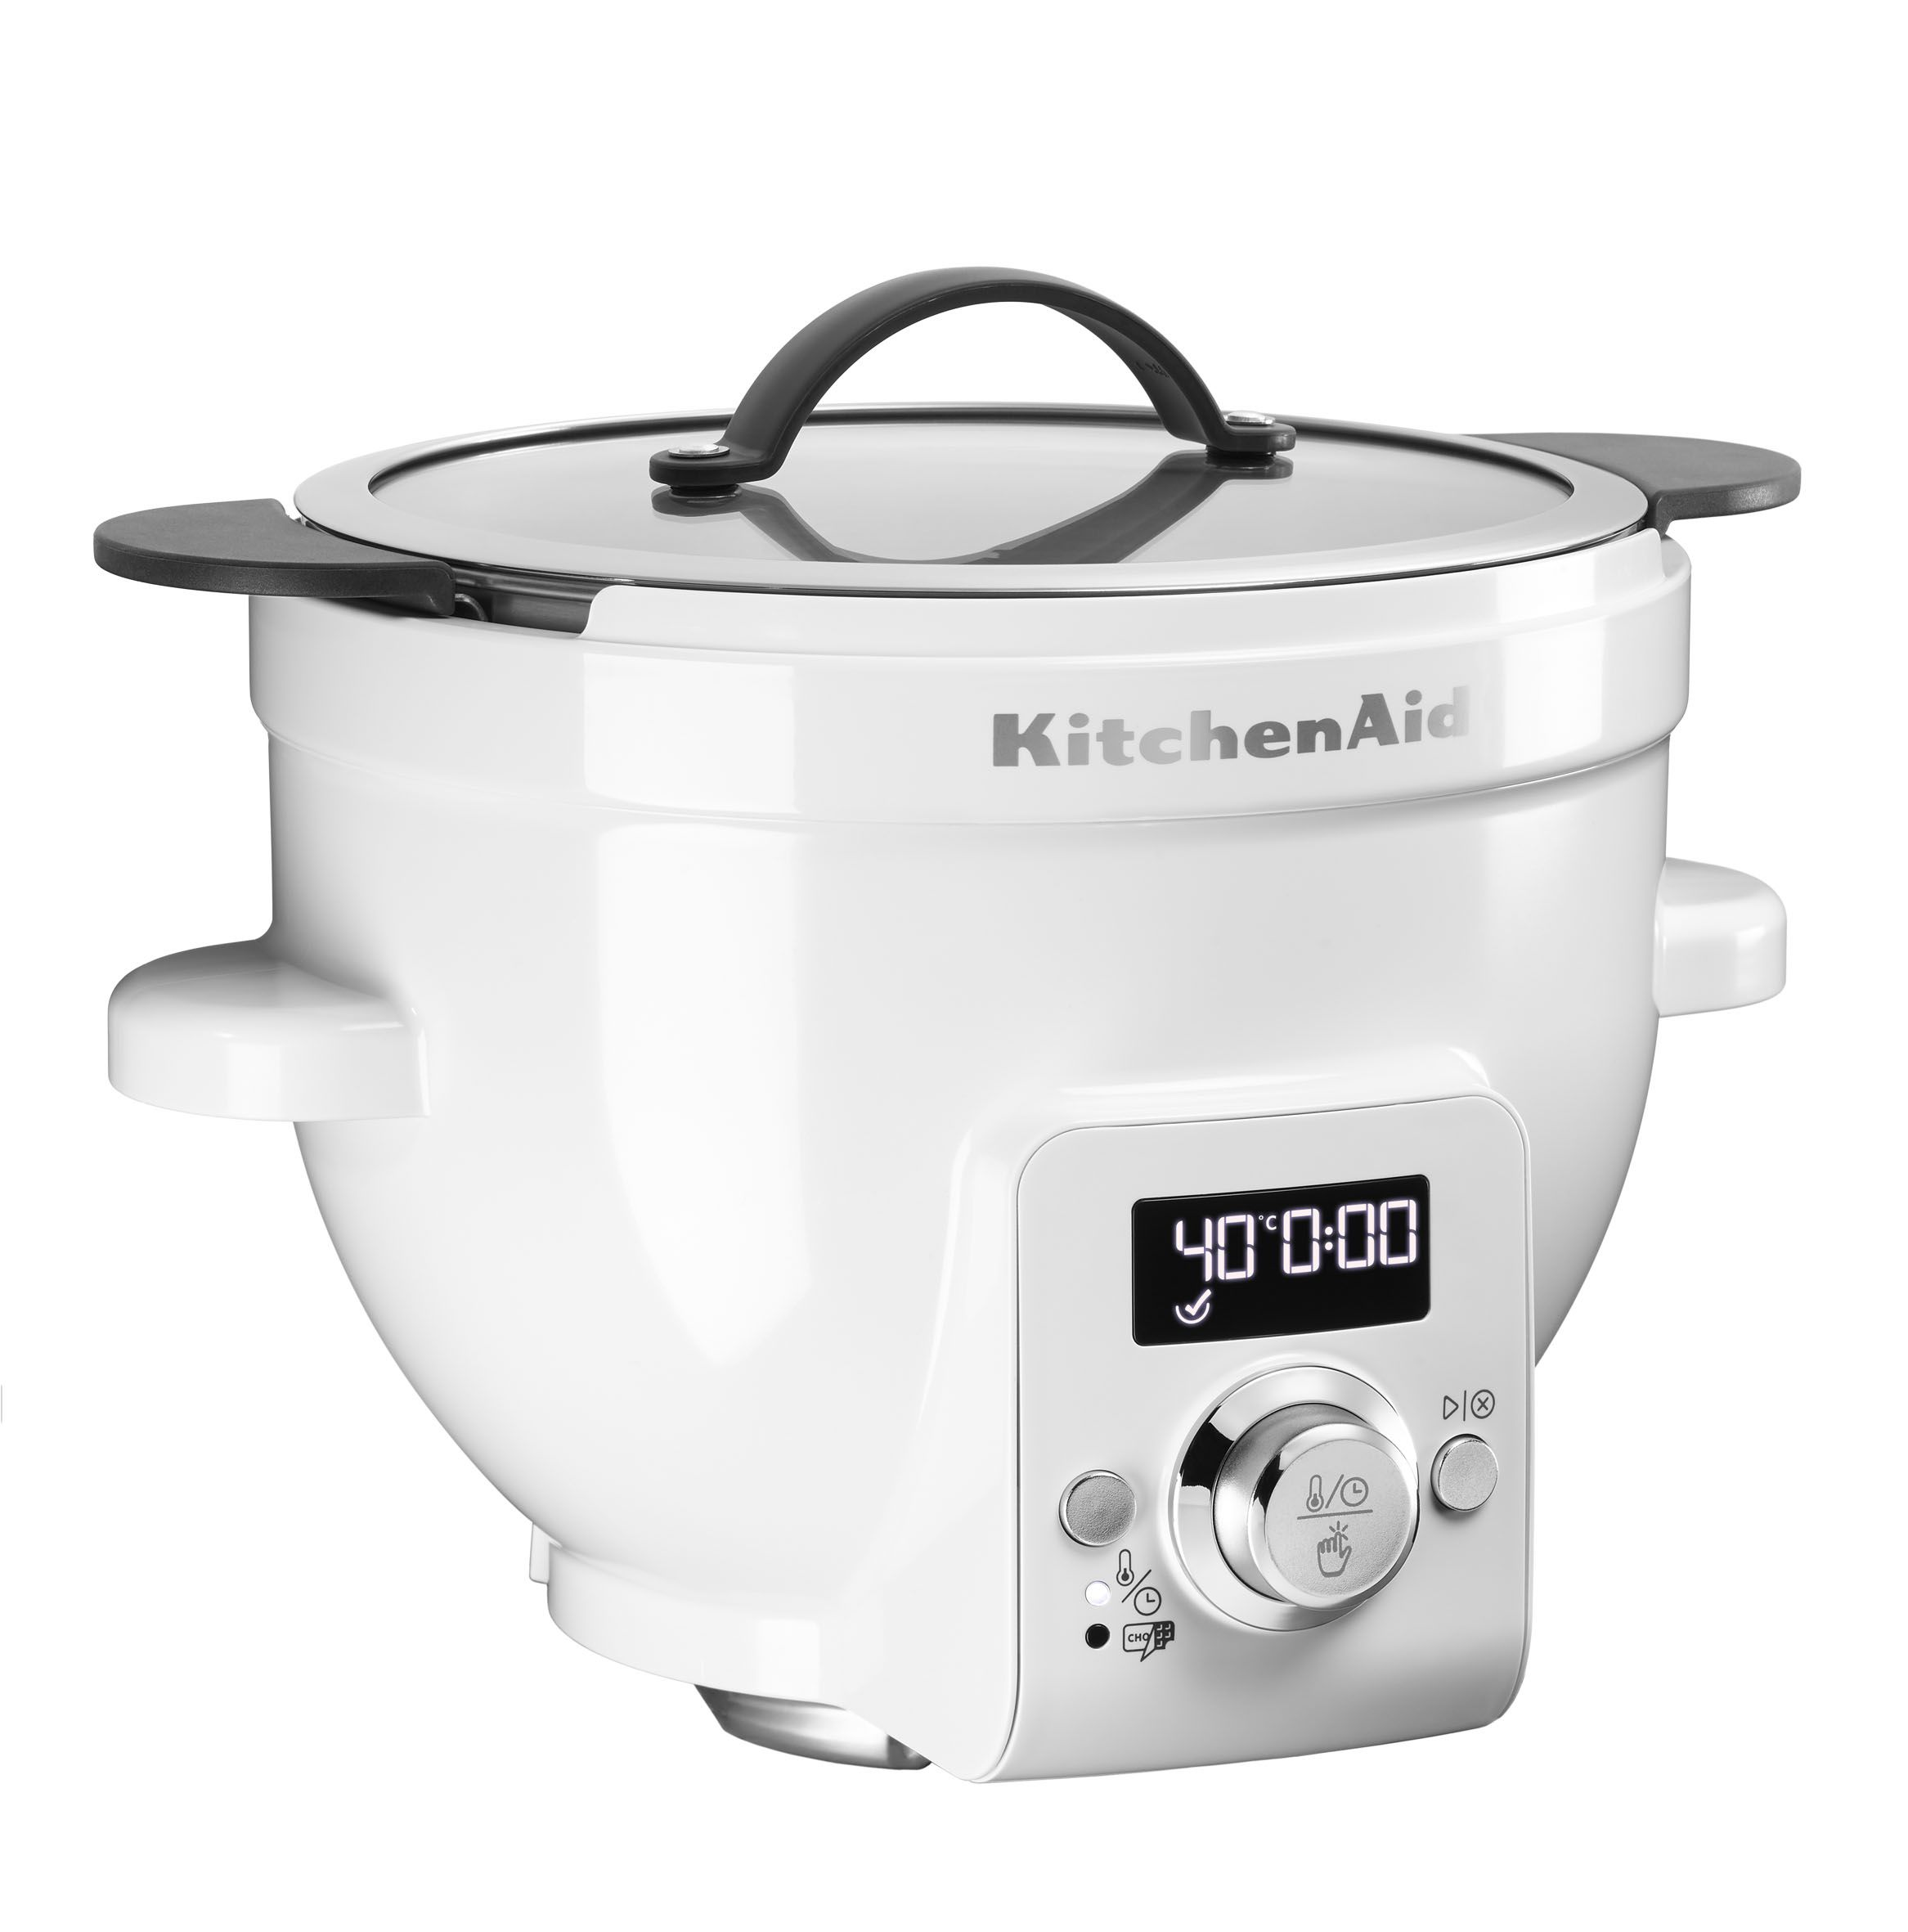 Kitchenaid artisan precise heat mixing bowl aide